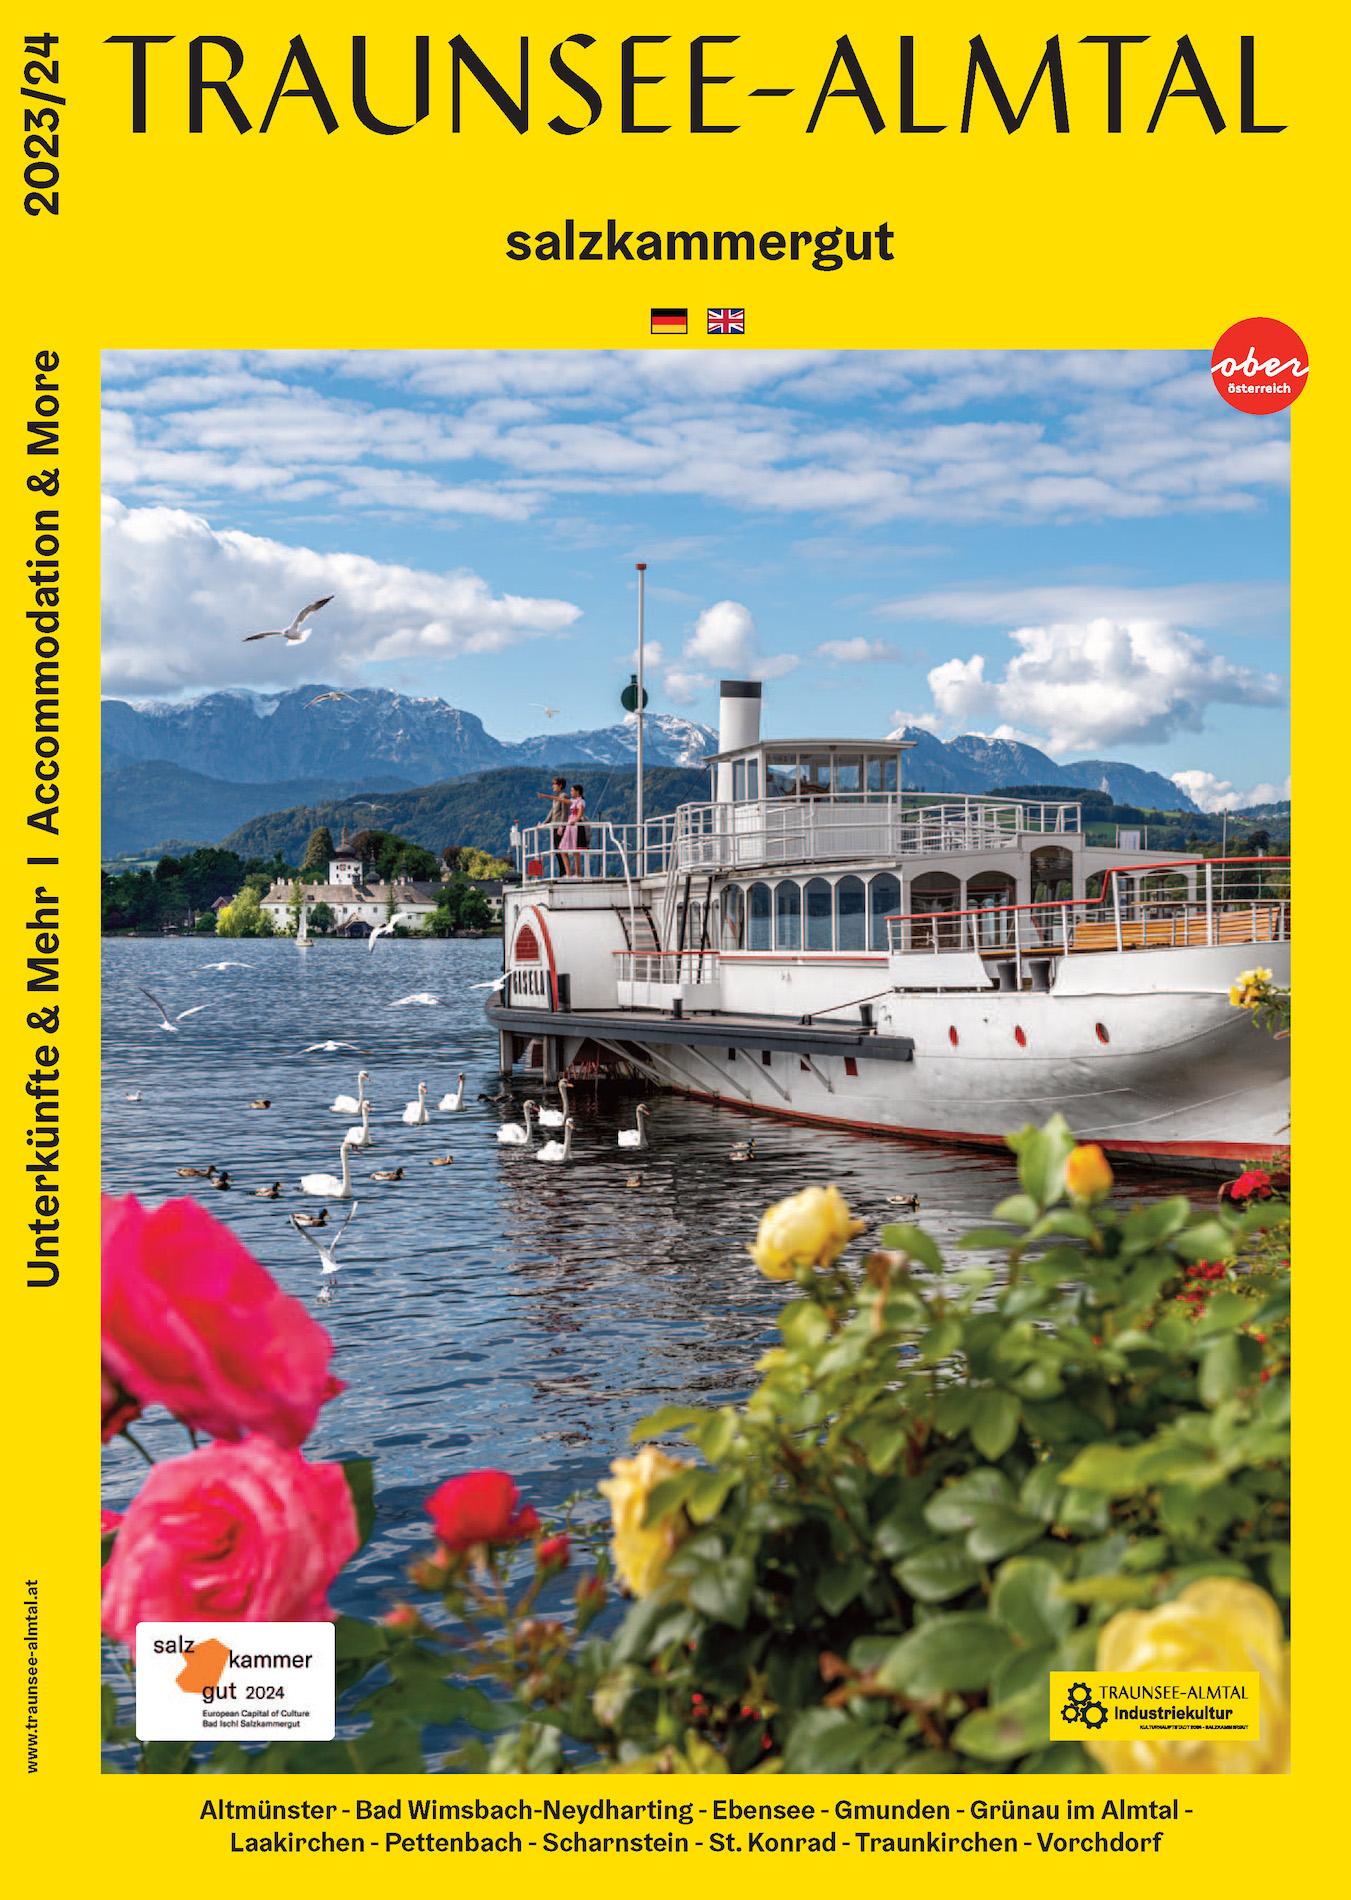 Oberösterreich - Gastgeberverzeichnis Ebensee 2017 (pdf)